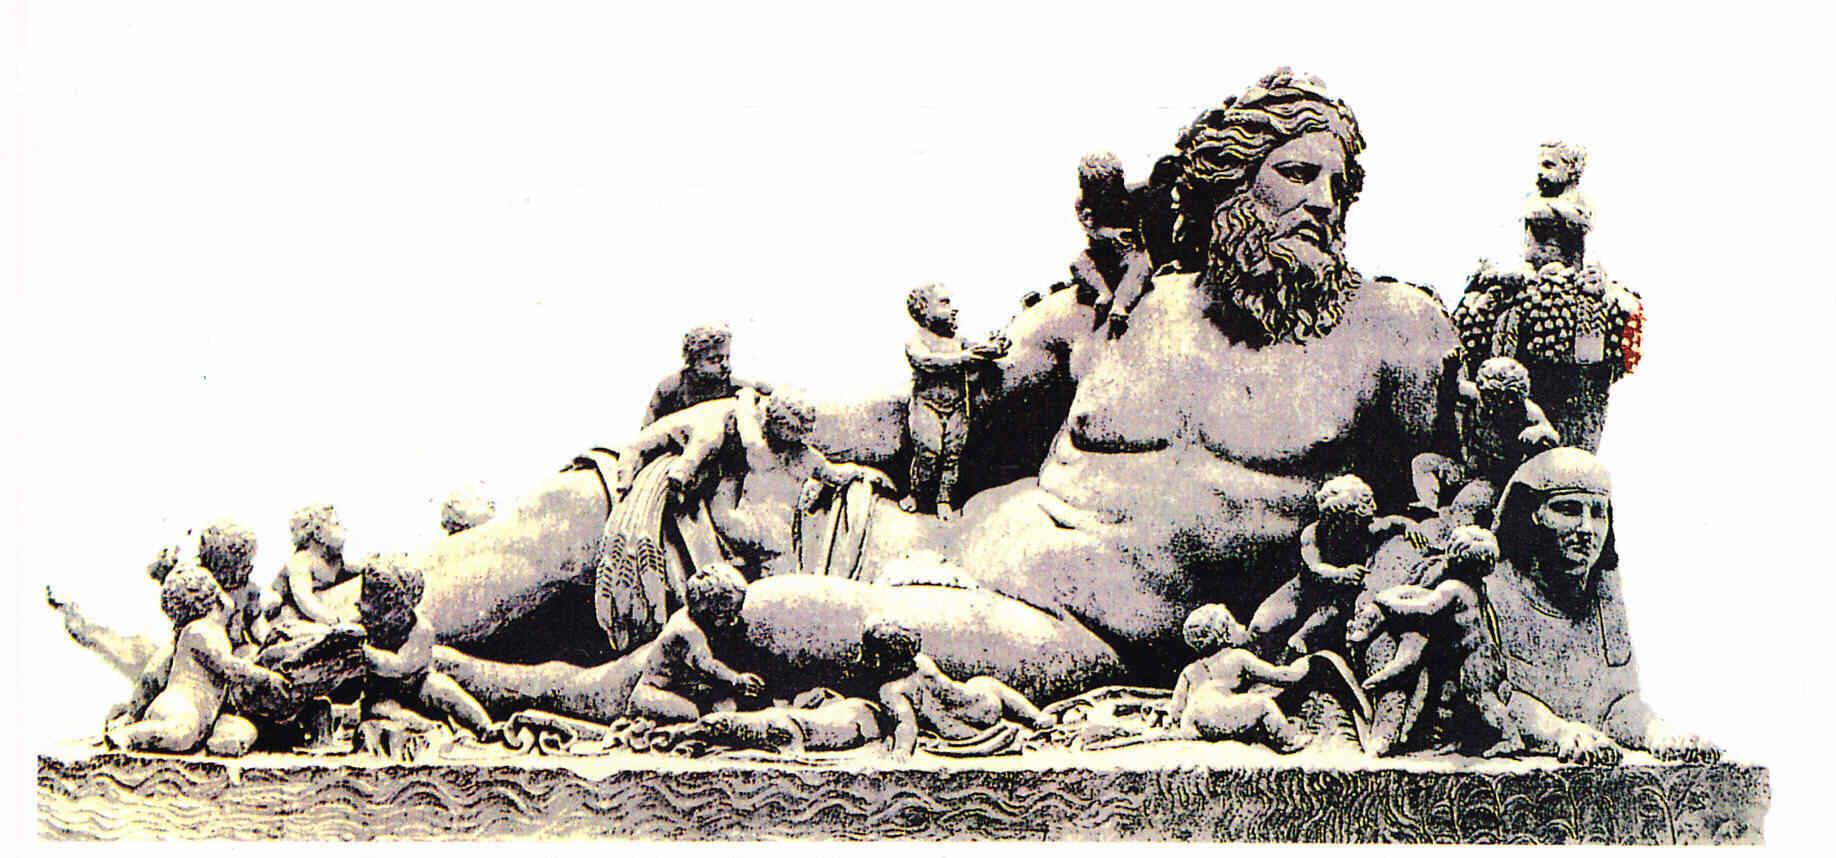 Egipto antiguo 24 y Ptolomeo II Filadelfo 8